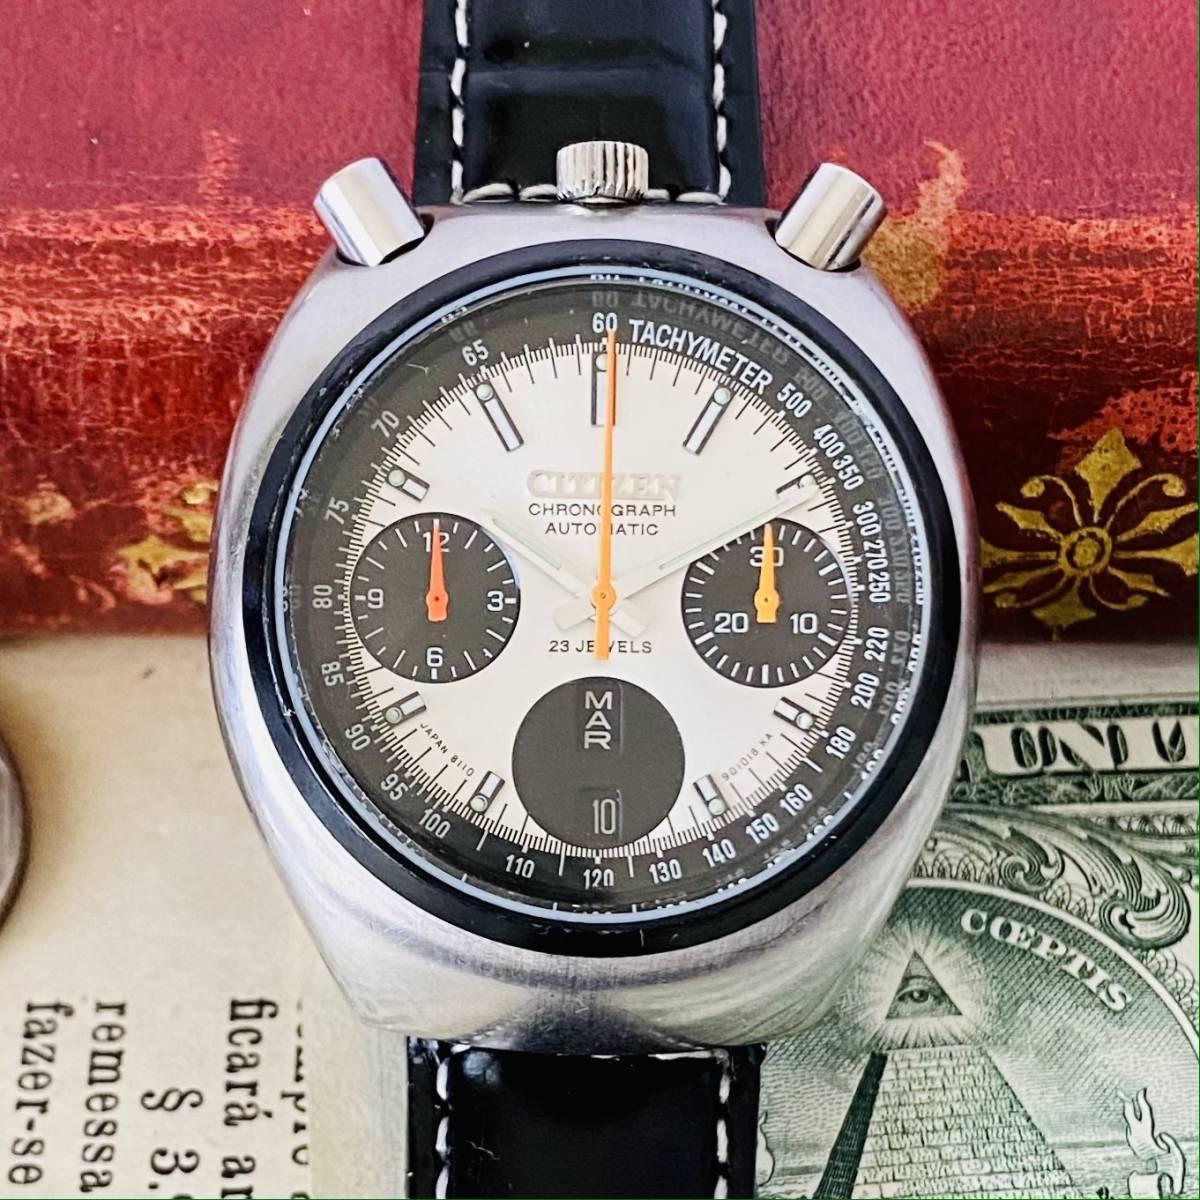 【高級腕時計 シチズン】CITIZEN 8110A クロノグラフ 自動巻 1979年 デイデイト ツノ メンズ レディース アナログ パンダ チャレンジ_画像3